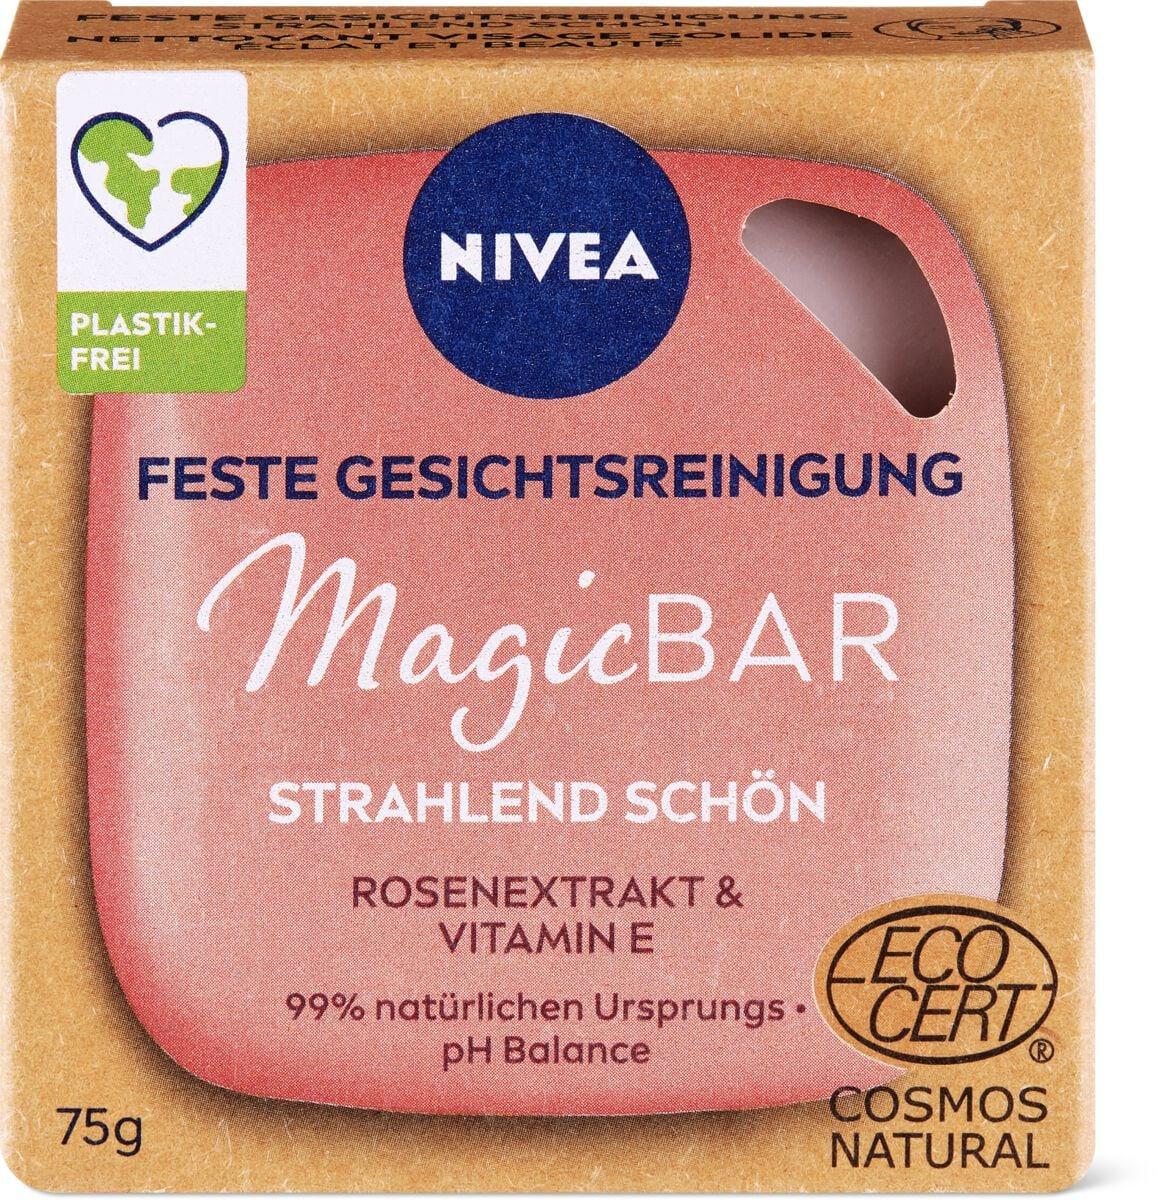 Nivea Magic Bar Strahlend